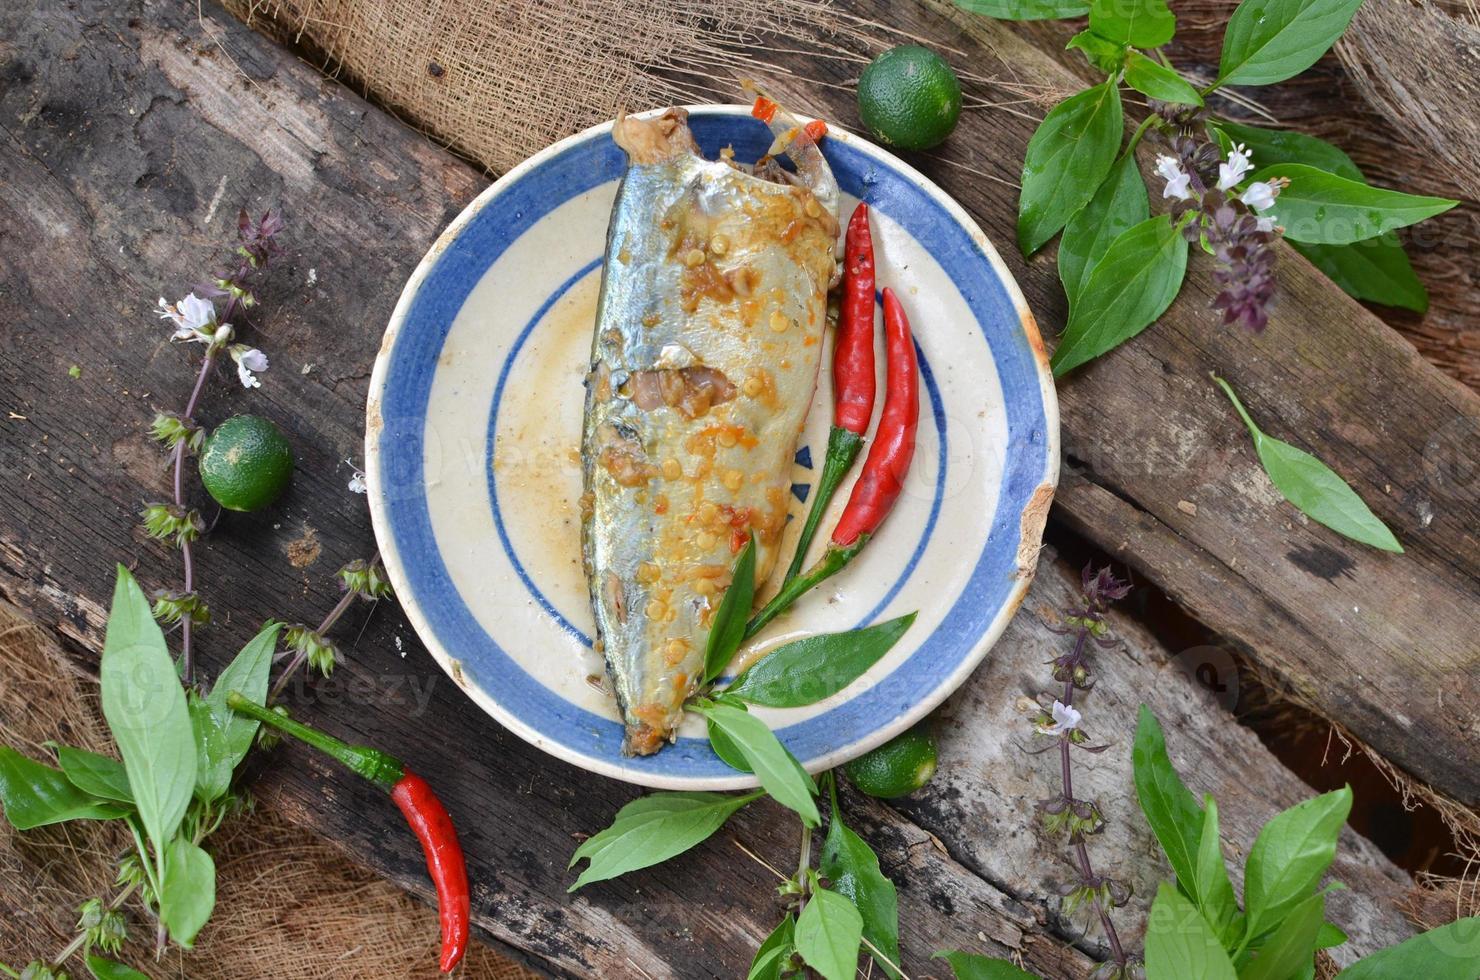 ragoût de poisson à la sauce de poisson dans un style traditionnel vietnamien photo